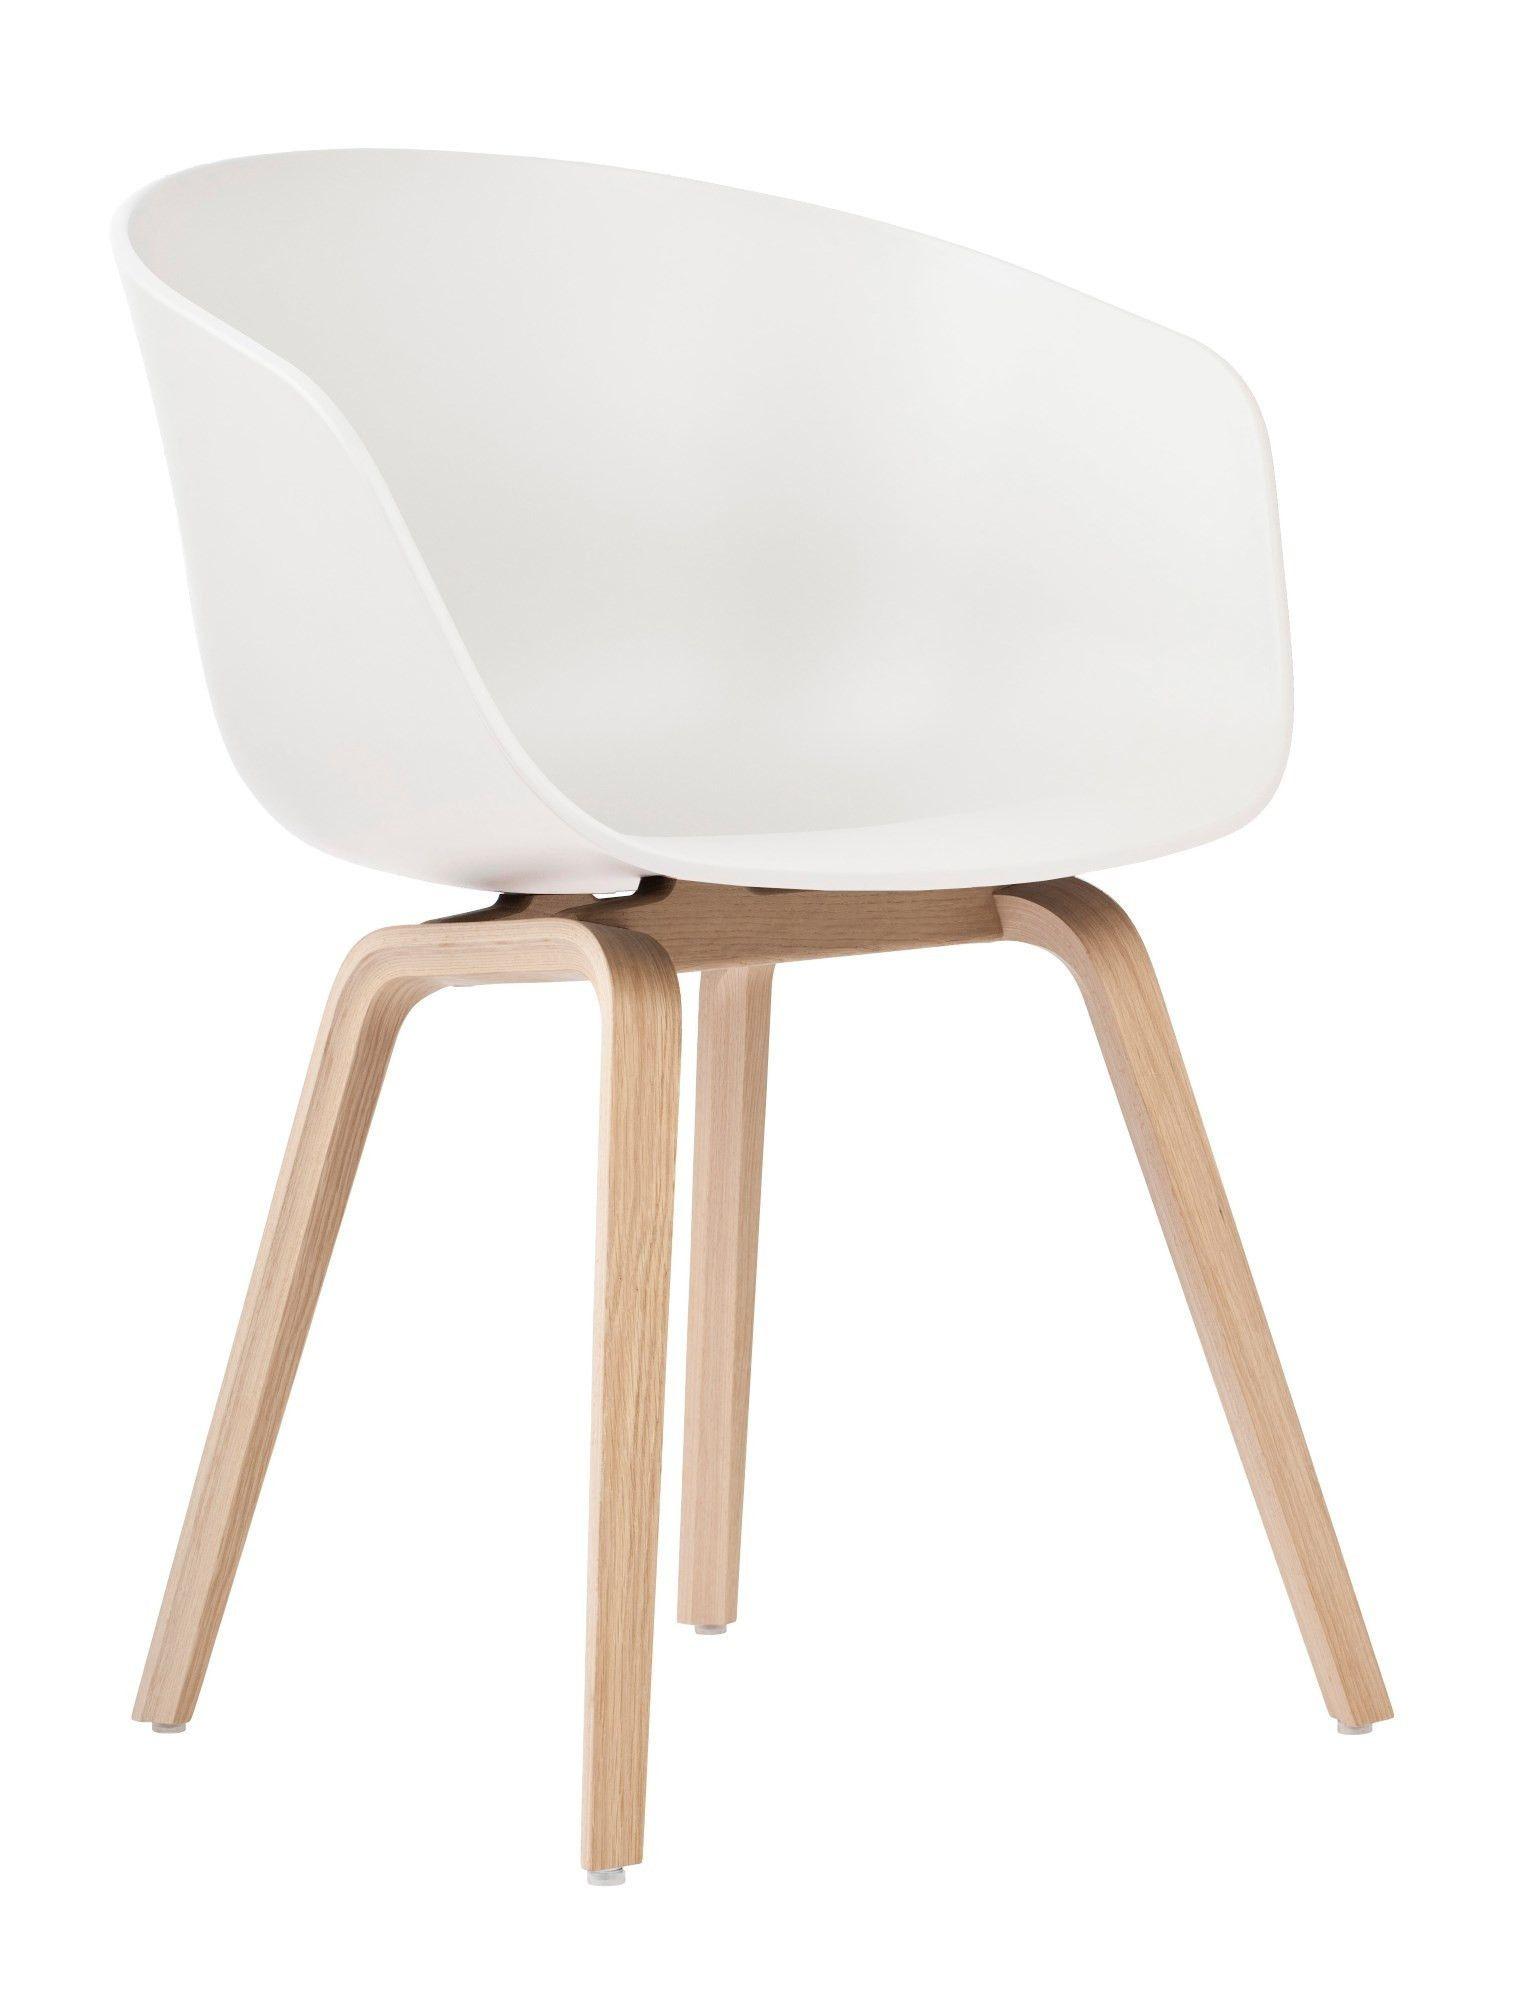 About A Chair Aac22 Aac 22 Stuhl Hay Einrichten Design De Stuhle Weisse Stuhle Einrichten Design